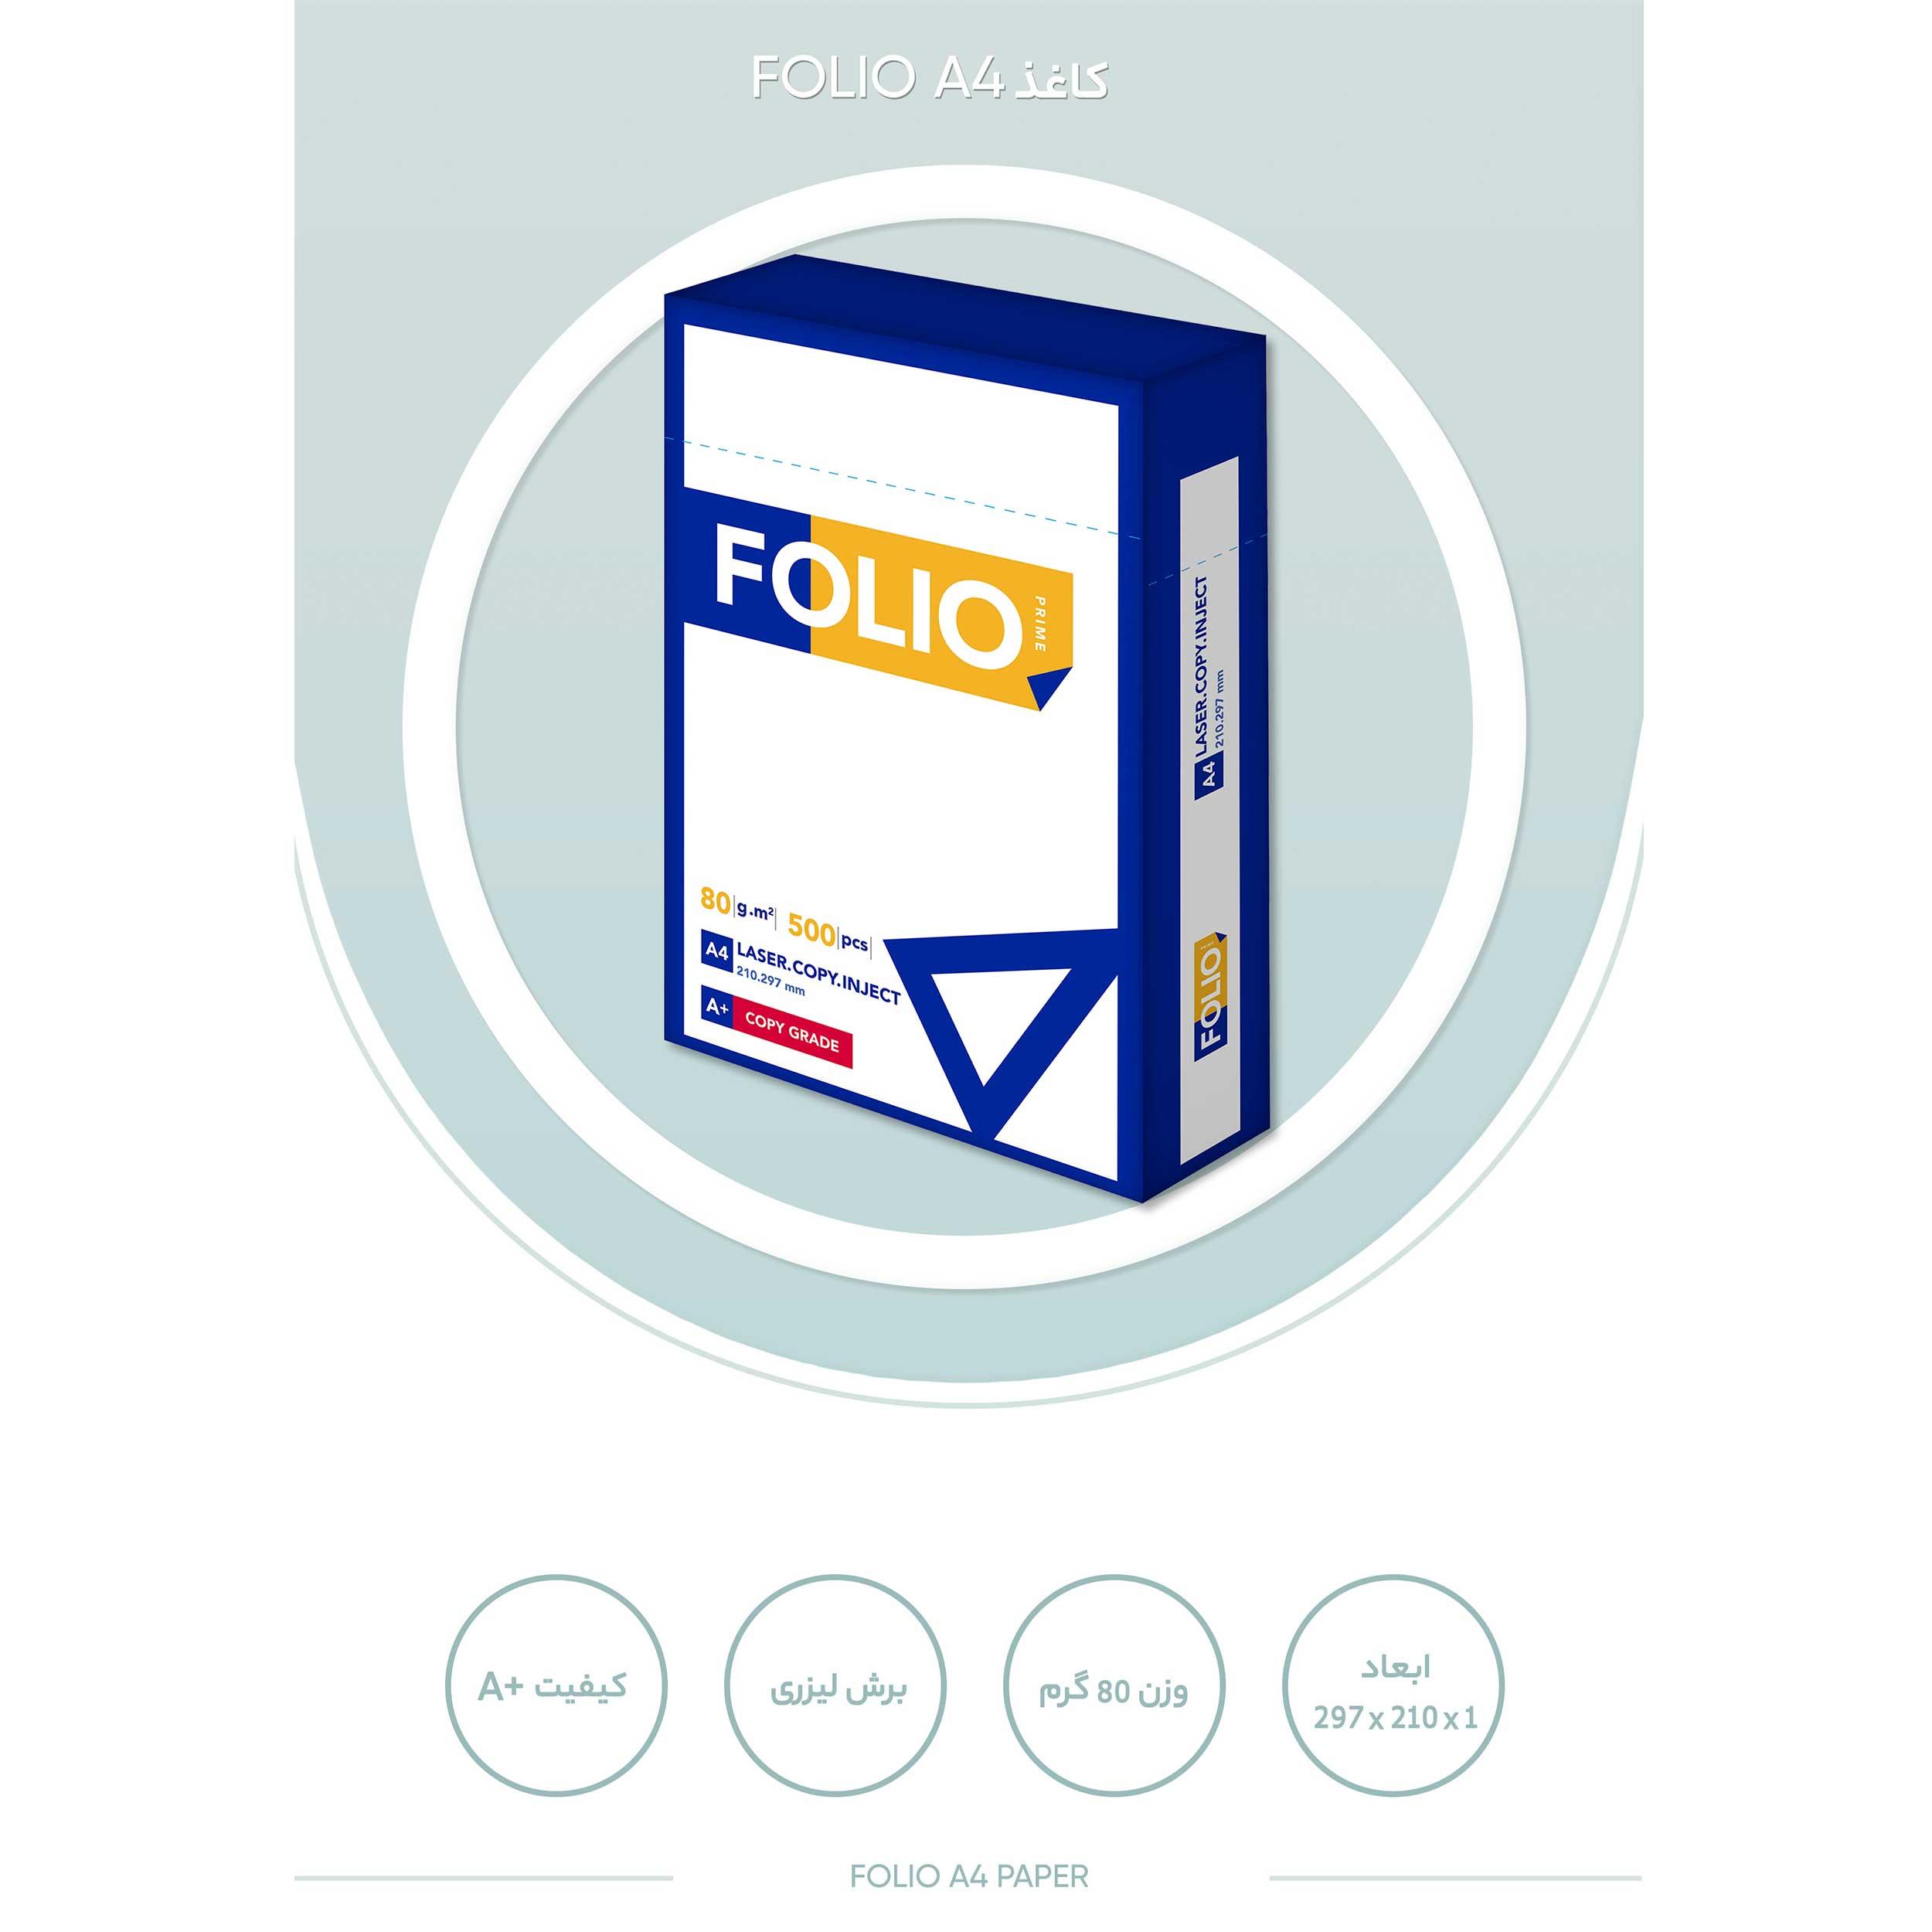 کاغذ A4 فولیو پرایم مدل +A بسته 500 عددی main 1 5